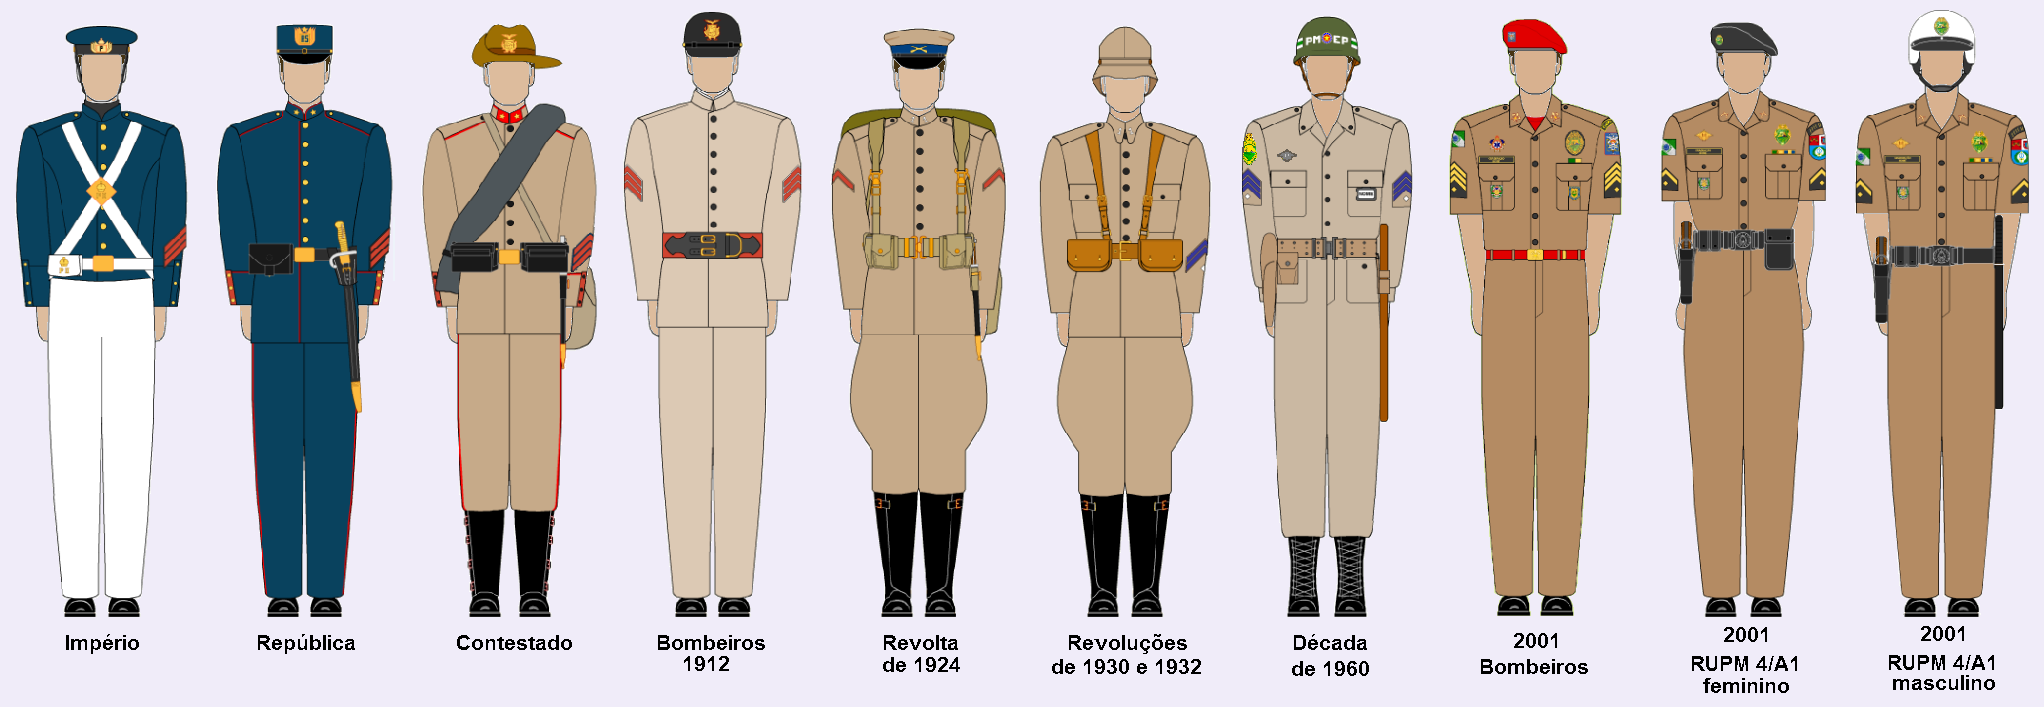 Colegio Oficial De Decoradores Y Dise Ef Bf Bdadores De Interior De Bizkaia